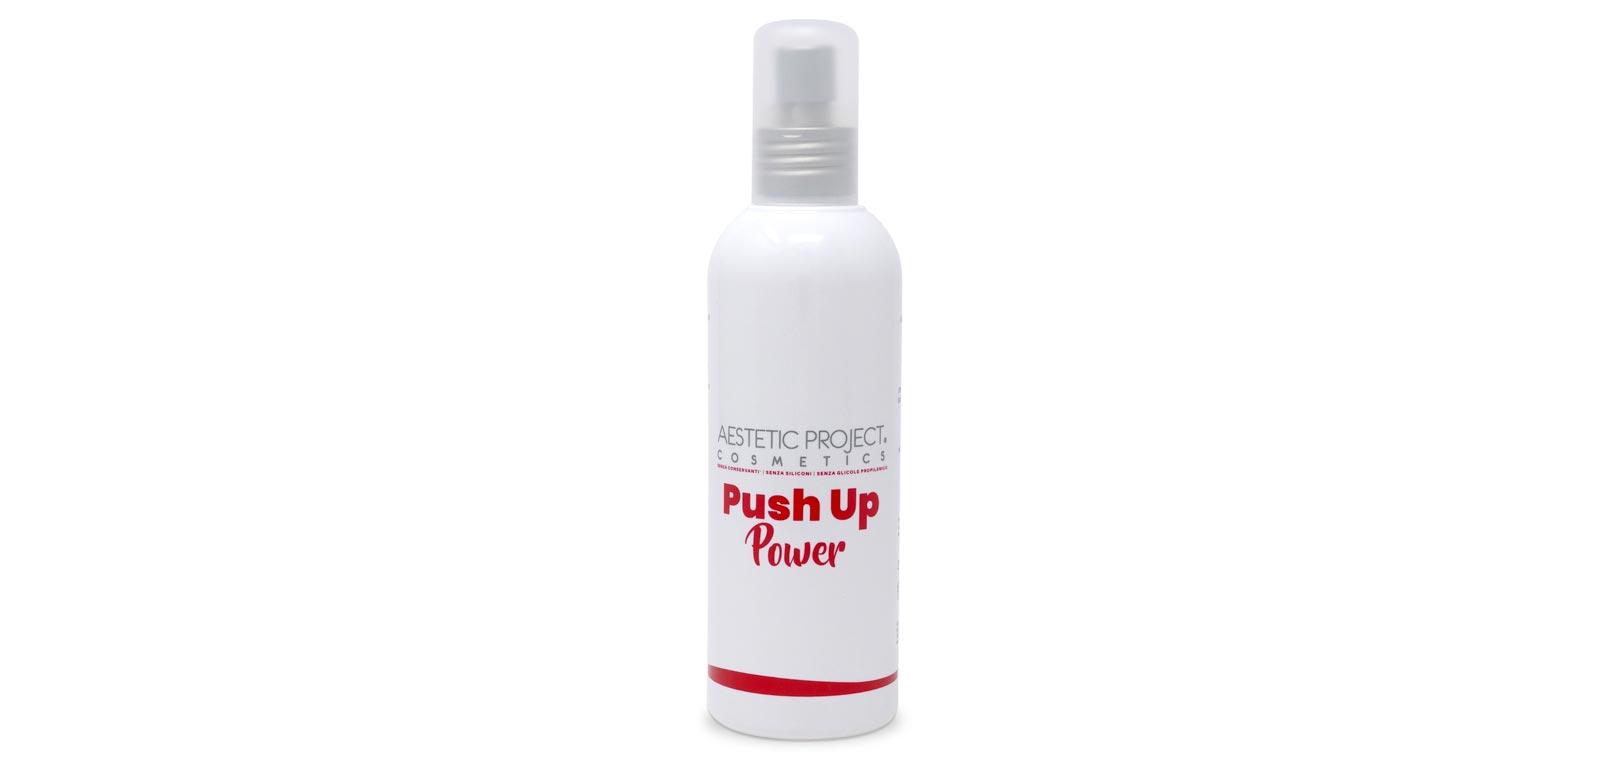 Push up Power | Trattamento estetico professionale rassodante dei glutei Lato B